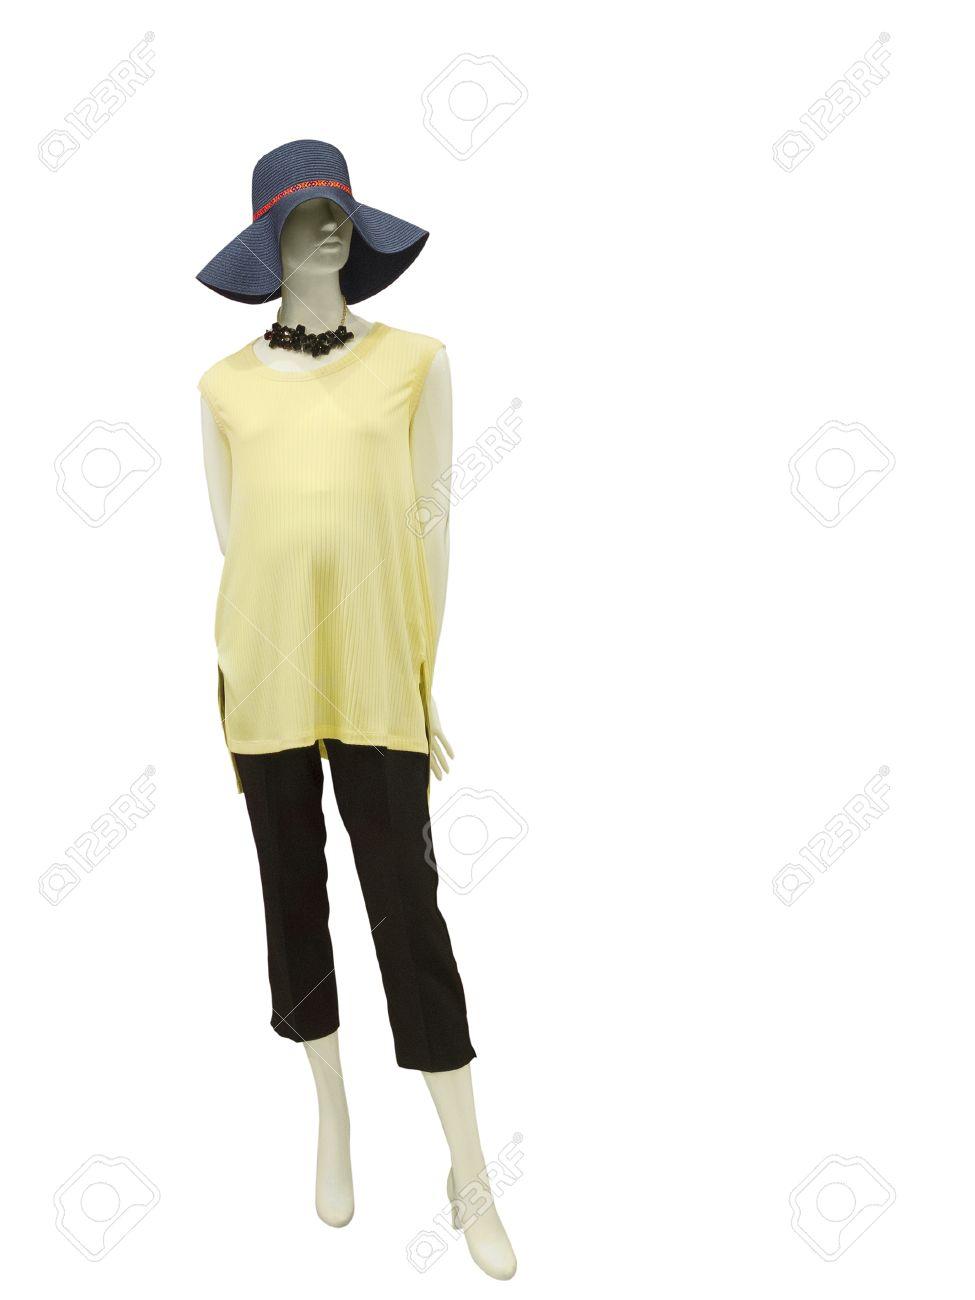 1db3237739 con fondo nombres sobre No para mujer de archivo mujeres Foto u de vestido  de Maniquí blanco ...